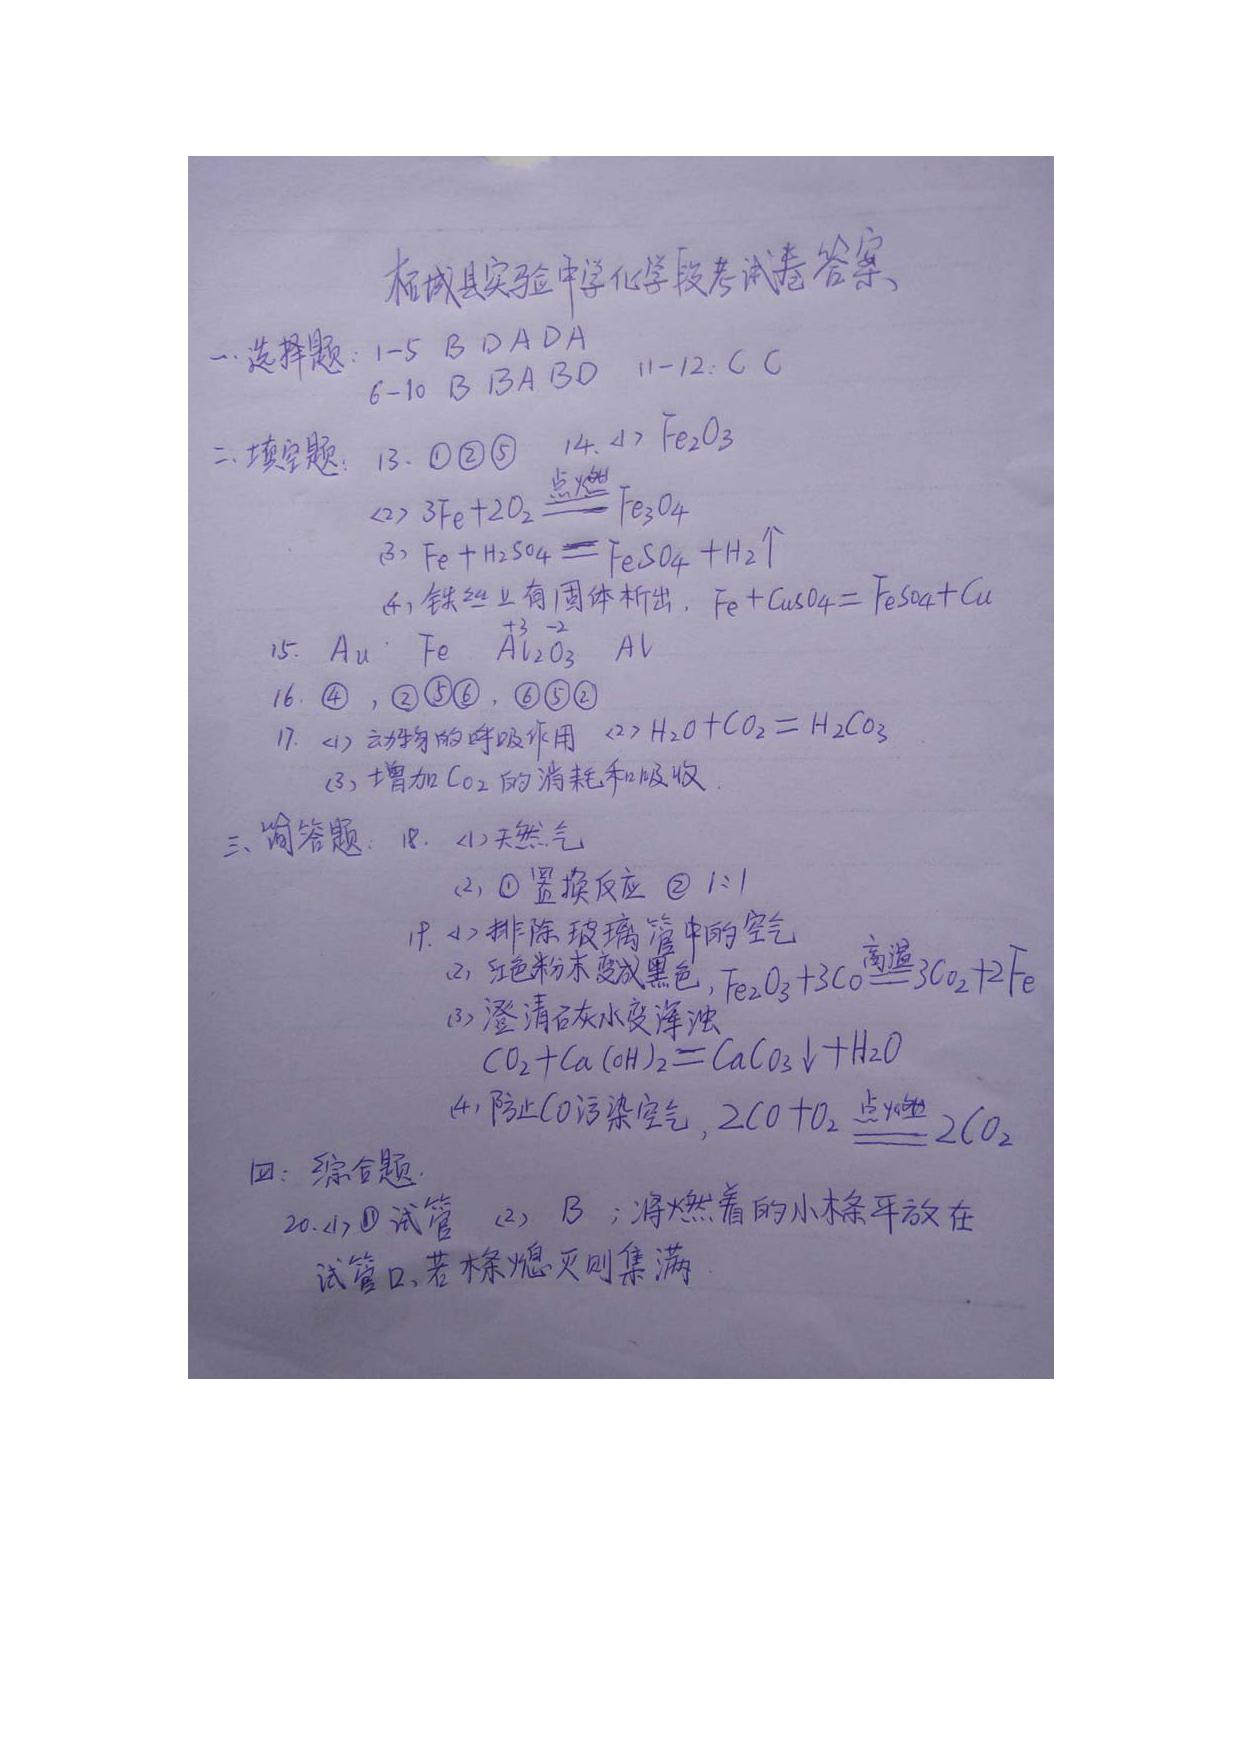 河南商丘柘城实验中学2016―2017第一学期九年级12月质量调研化学试卷答案(图片版)